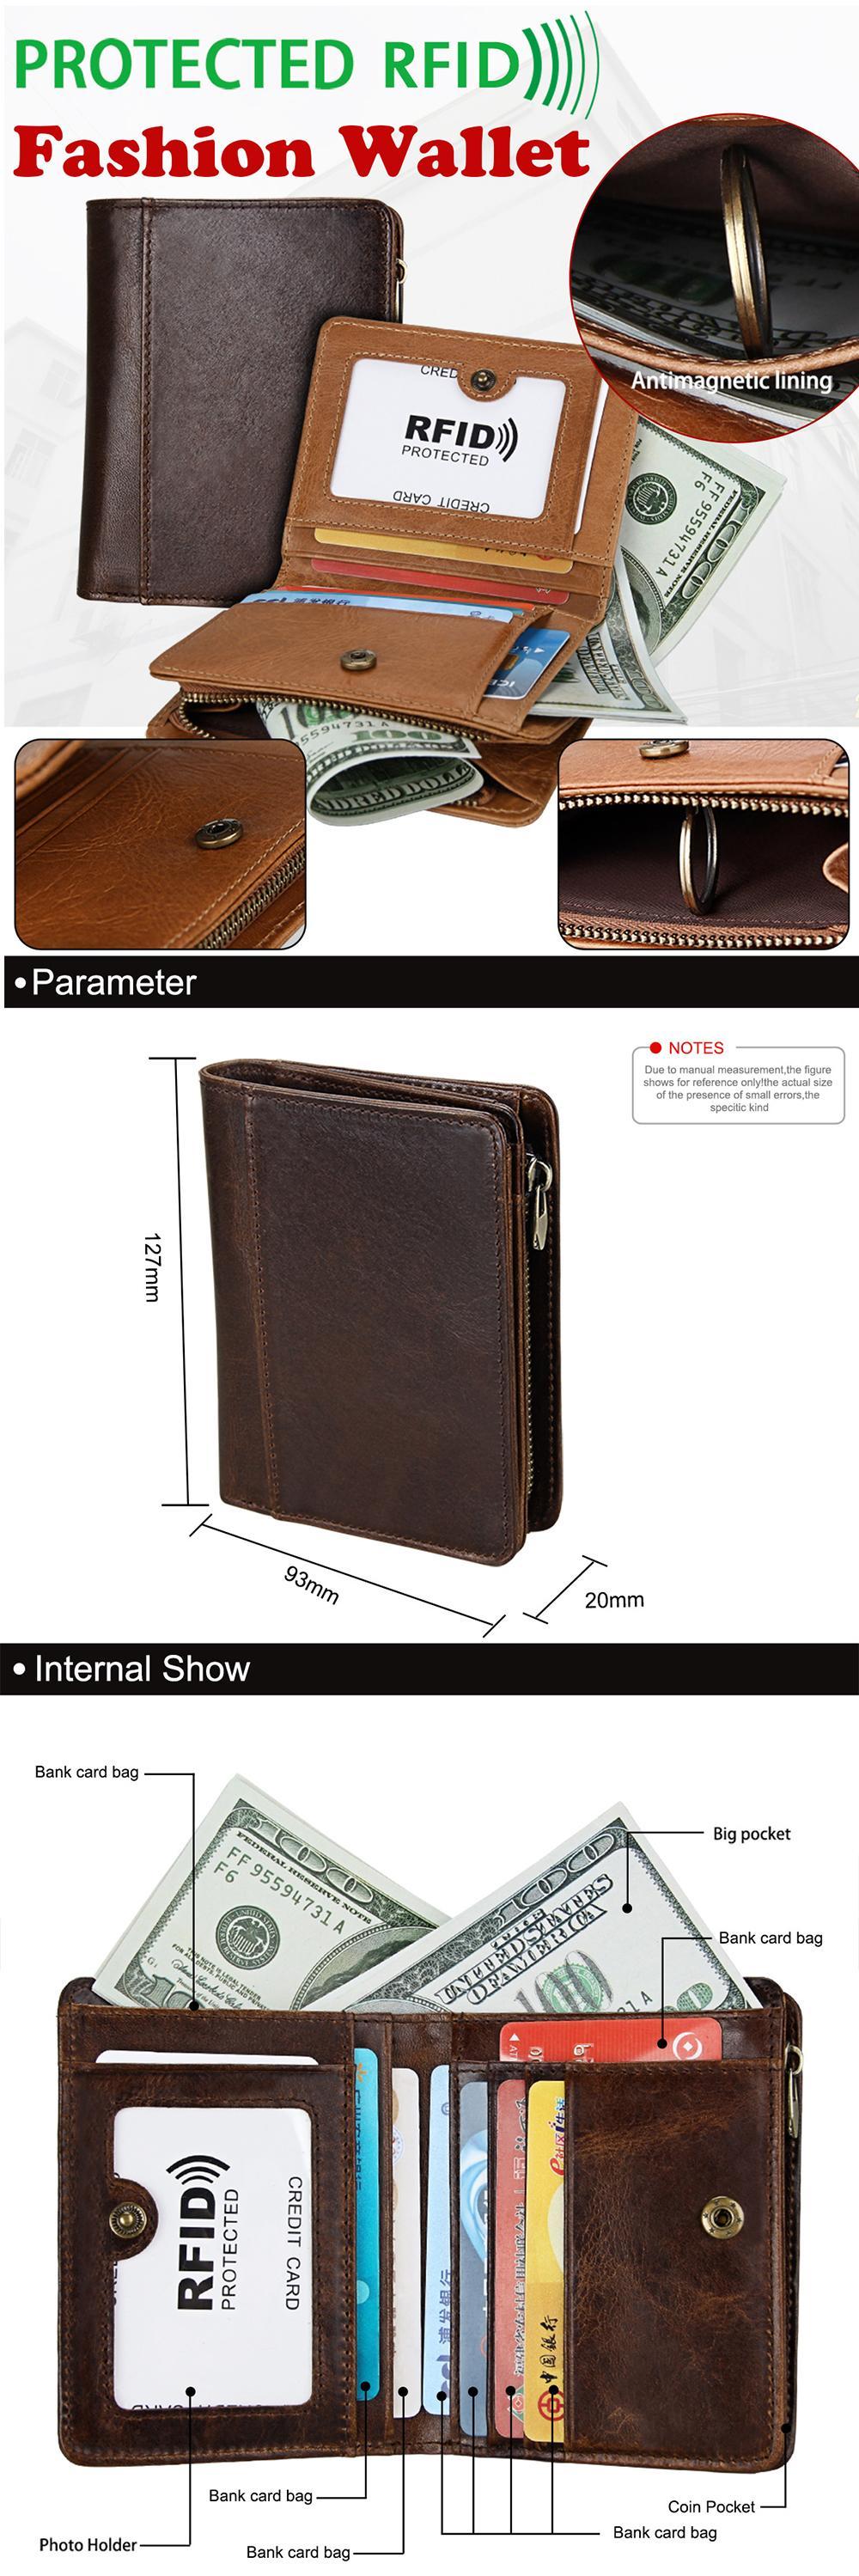 93d14d14d546 Specifications of ✅Q-shop Men's Wallet, Minimalist Vintage Cowhide Leather  Wallet With zipper